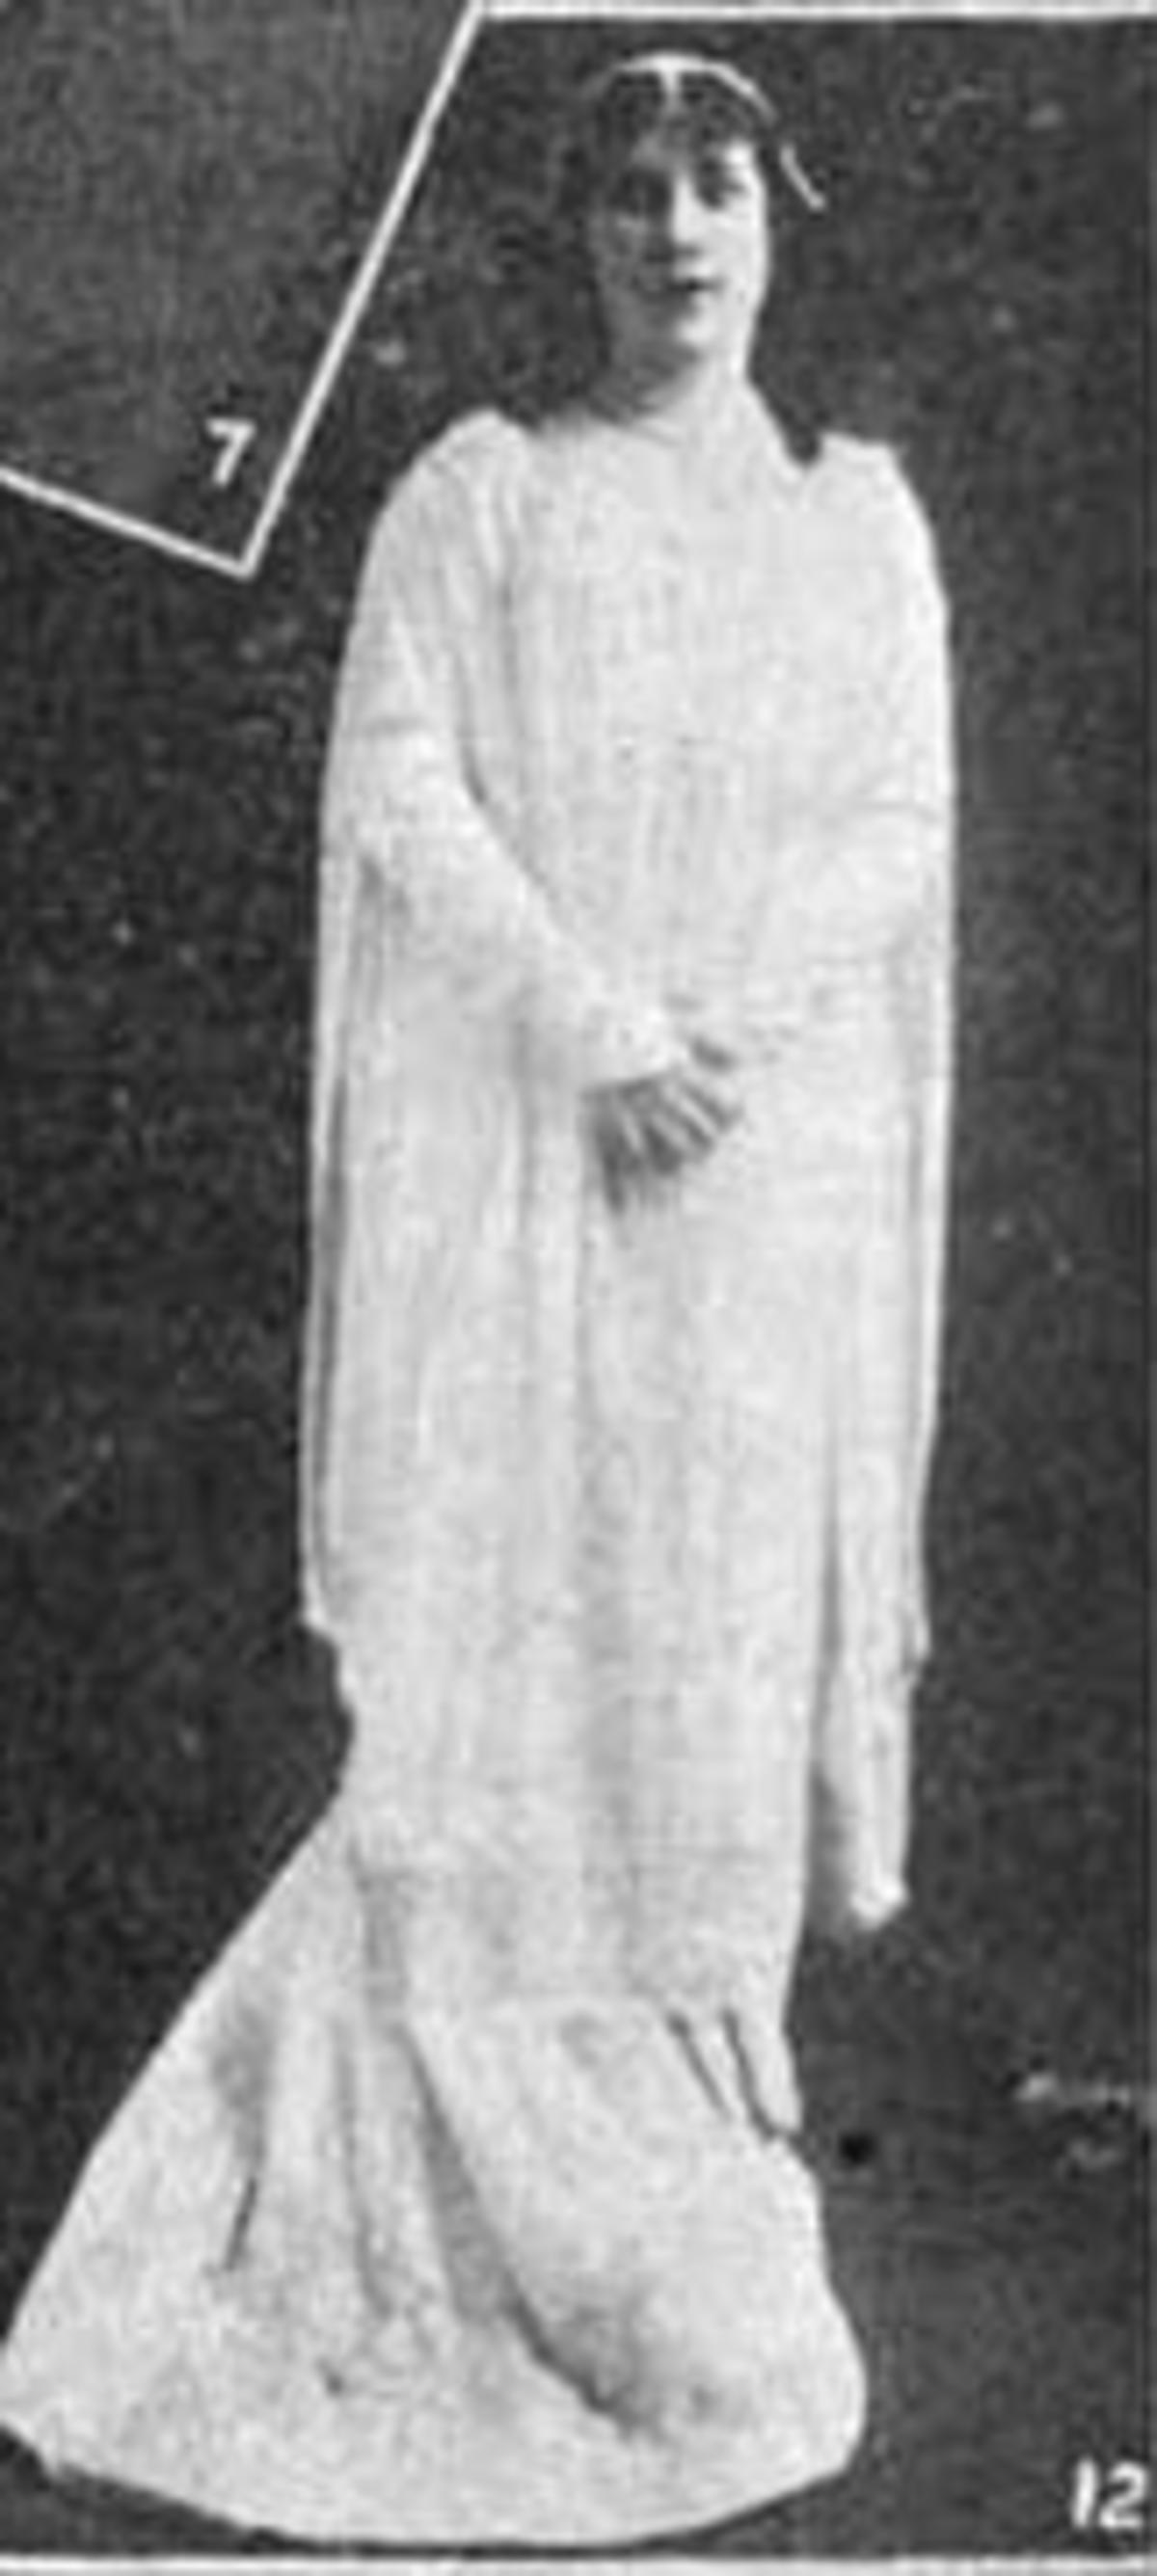 Jeanne Madden Jeanne Madden new photo